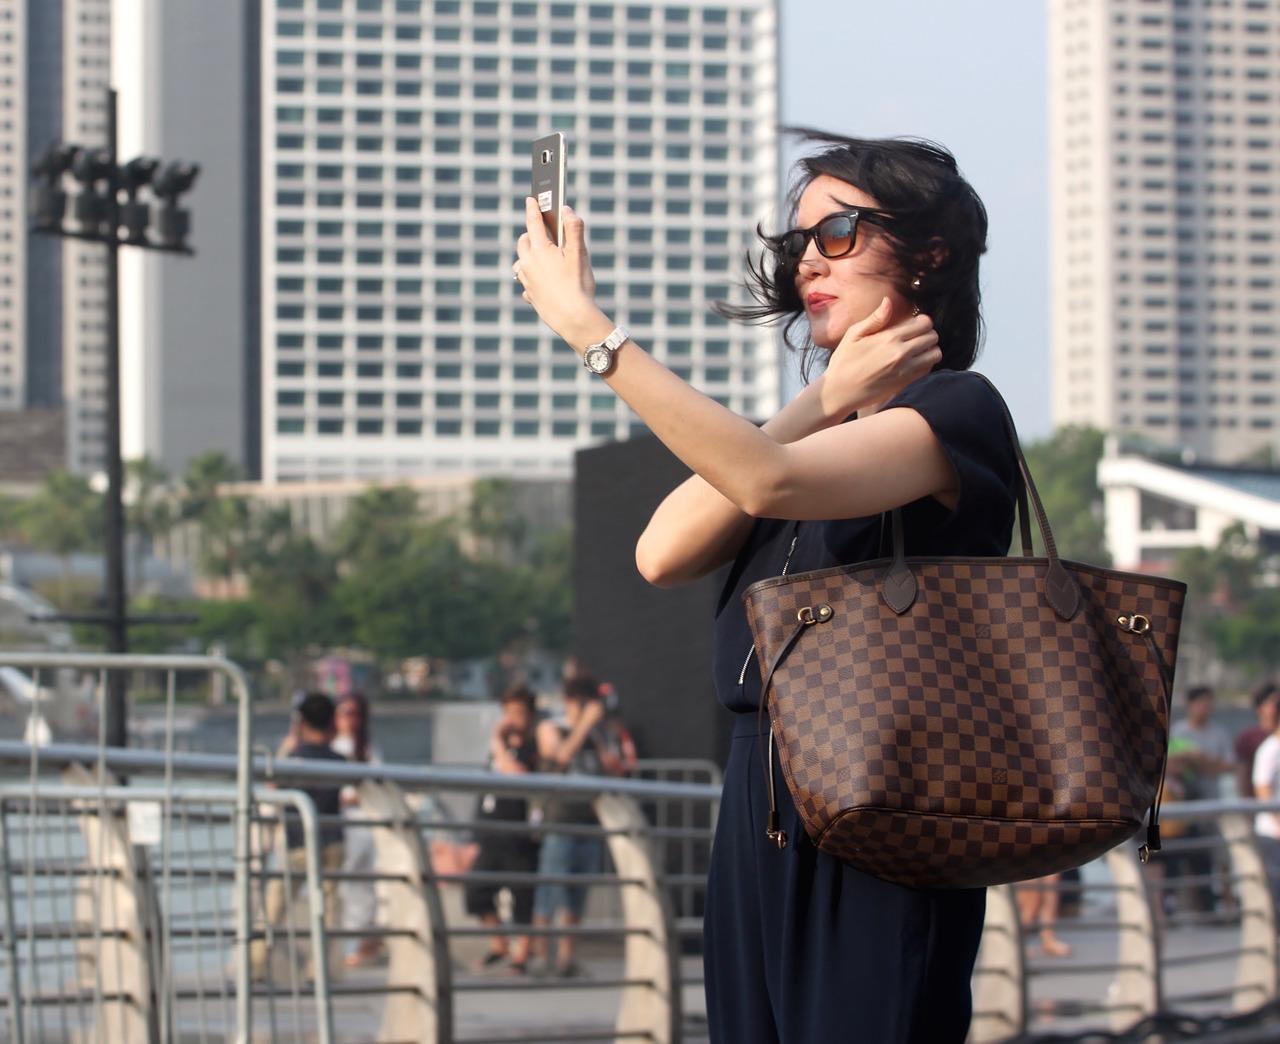 business woman taking selfie